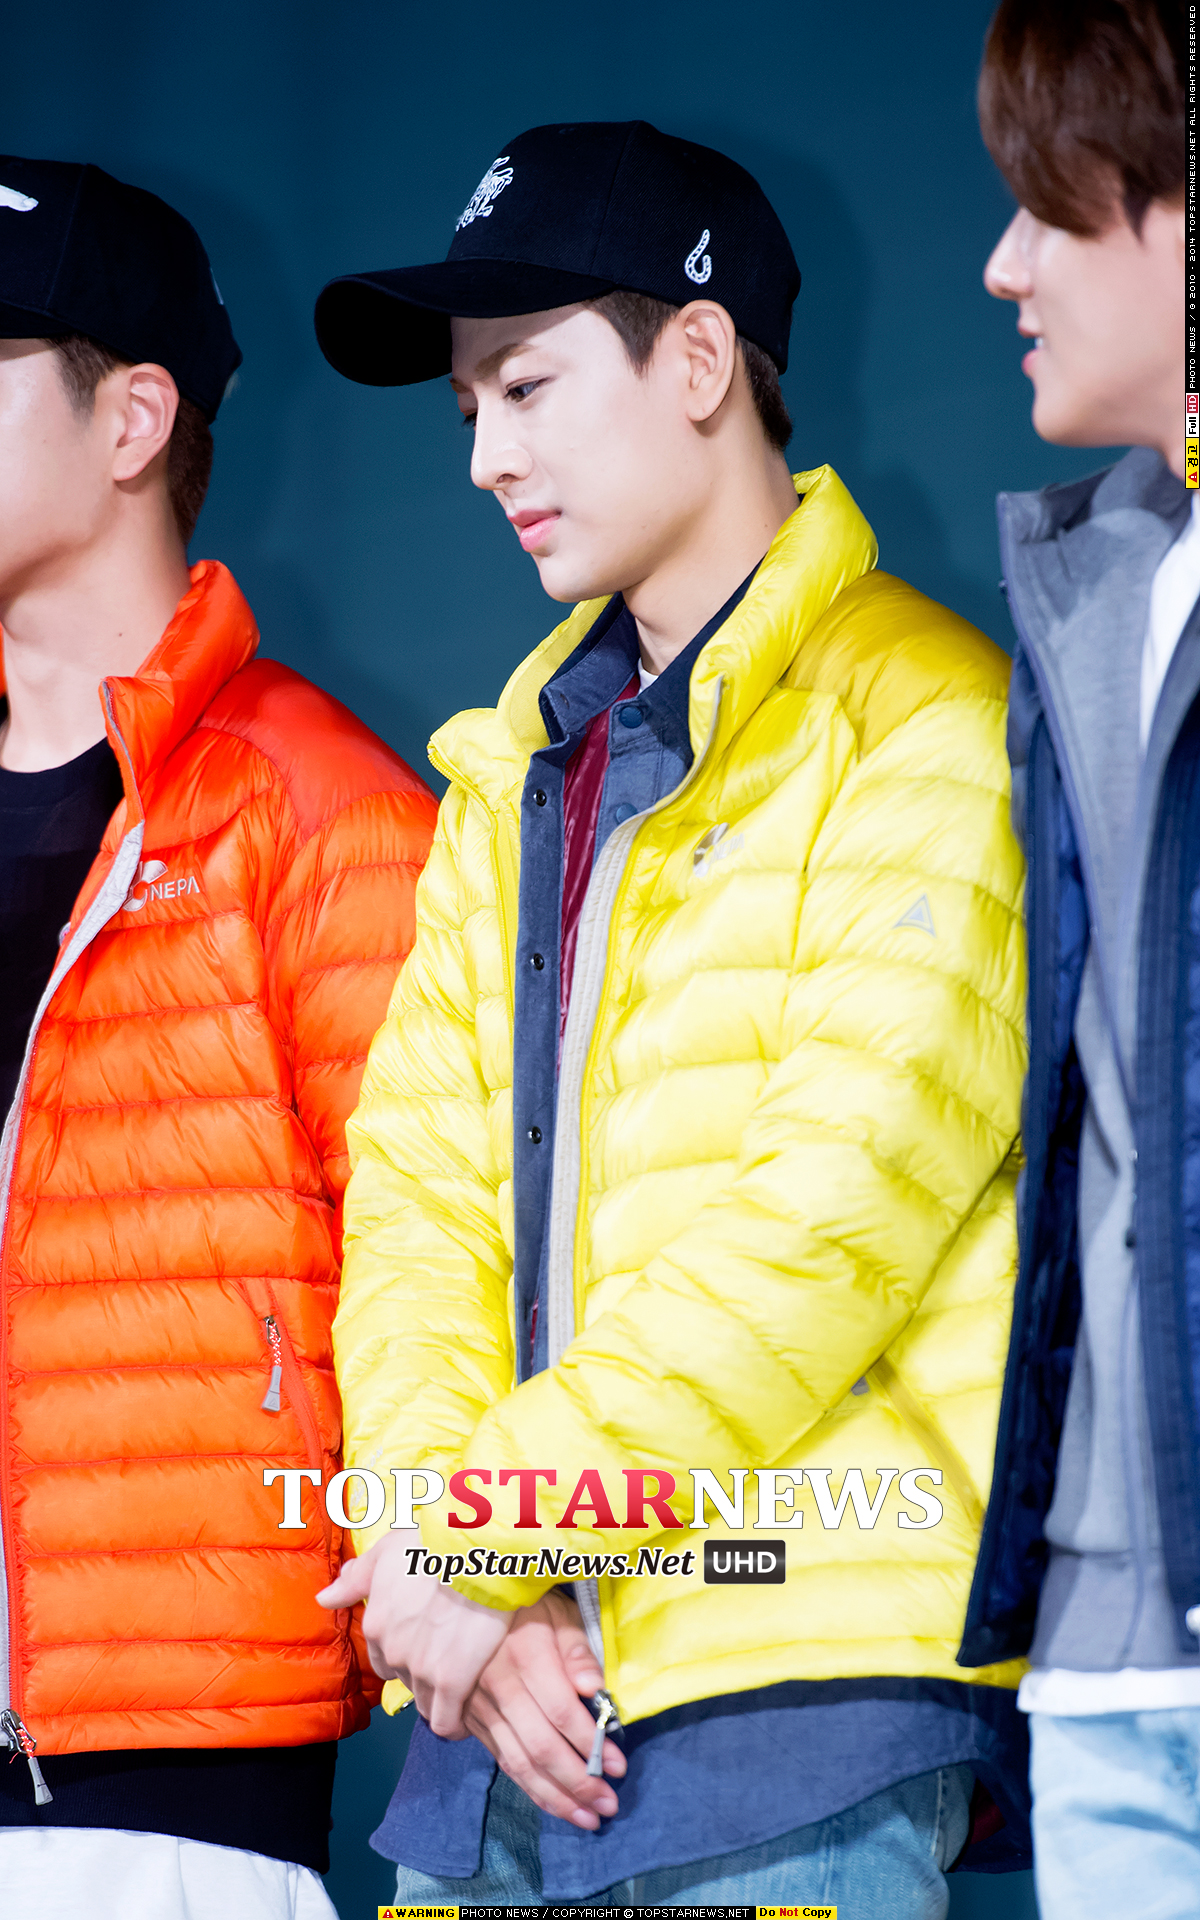 3.iKON 允亨 從側面仔細看的話,這五官…不需解釋♥(´∀` )人